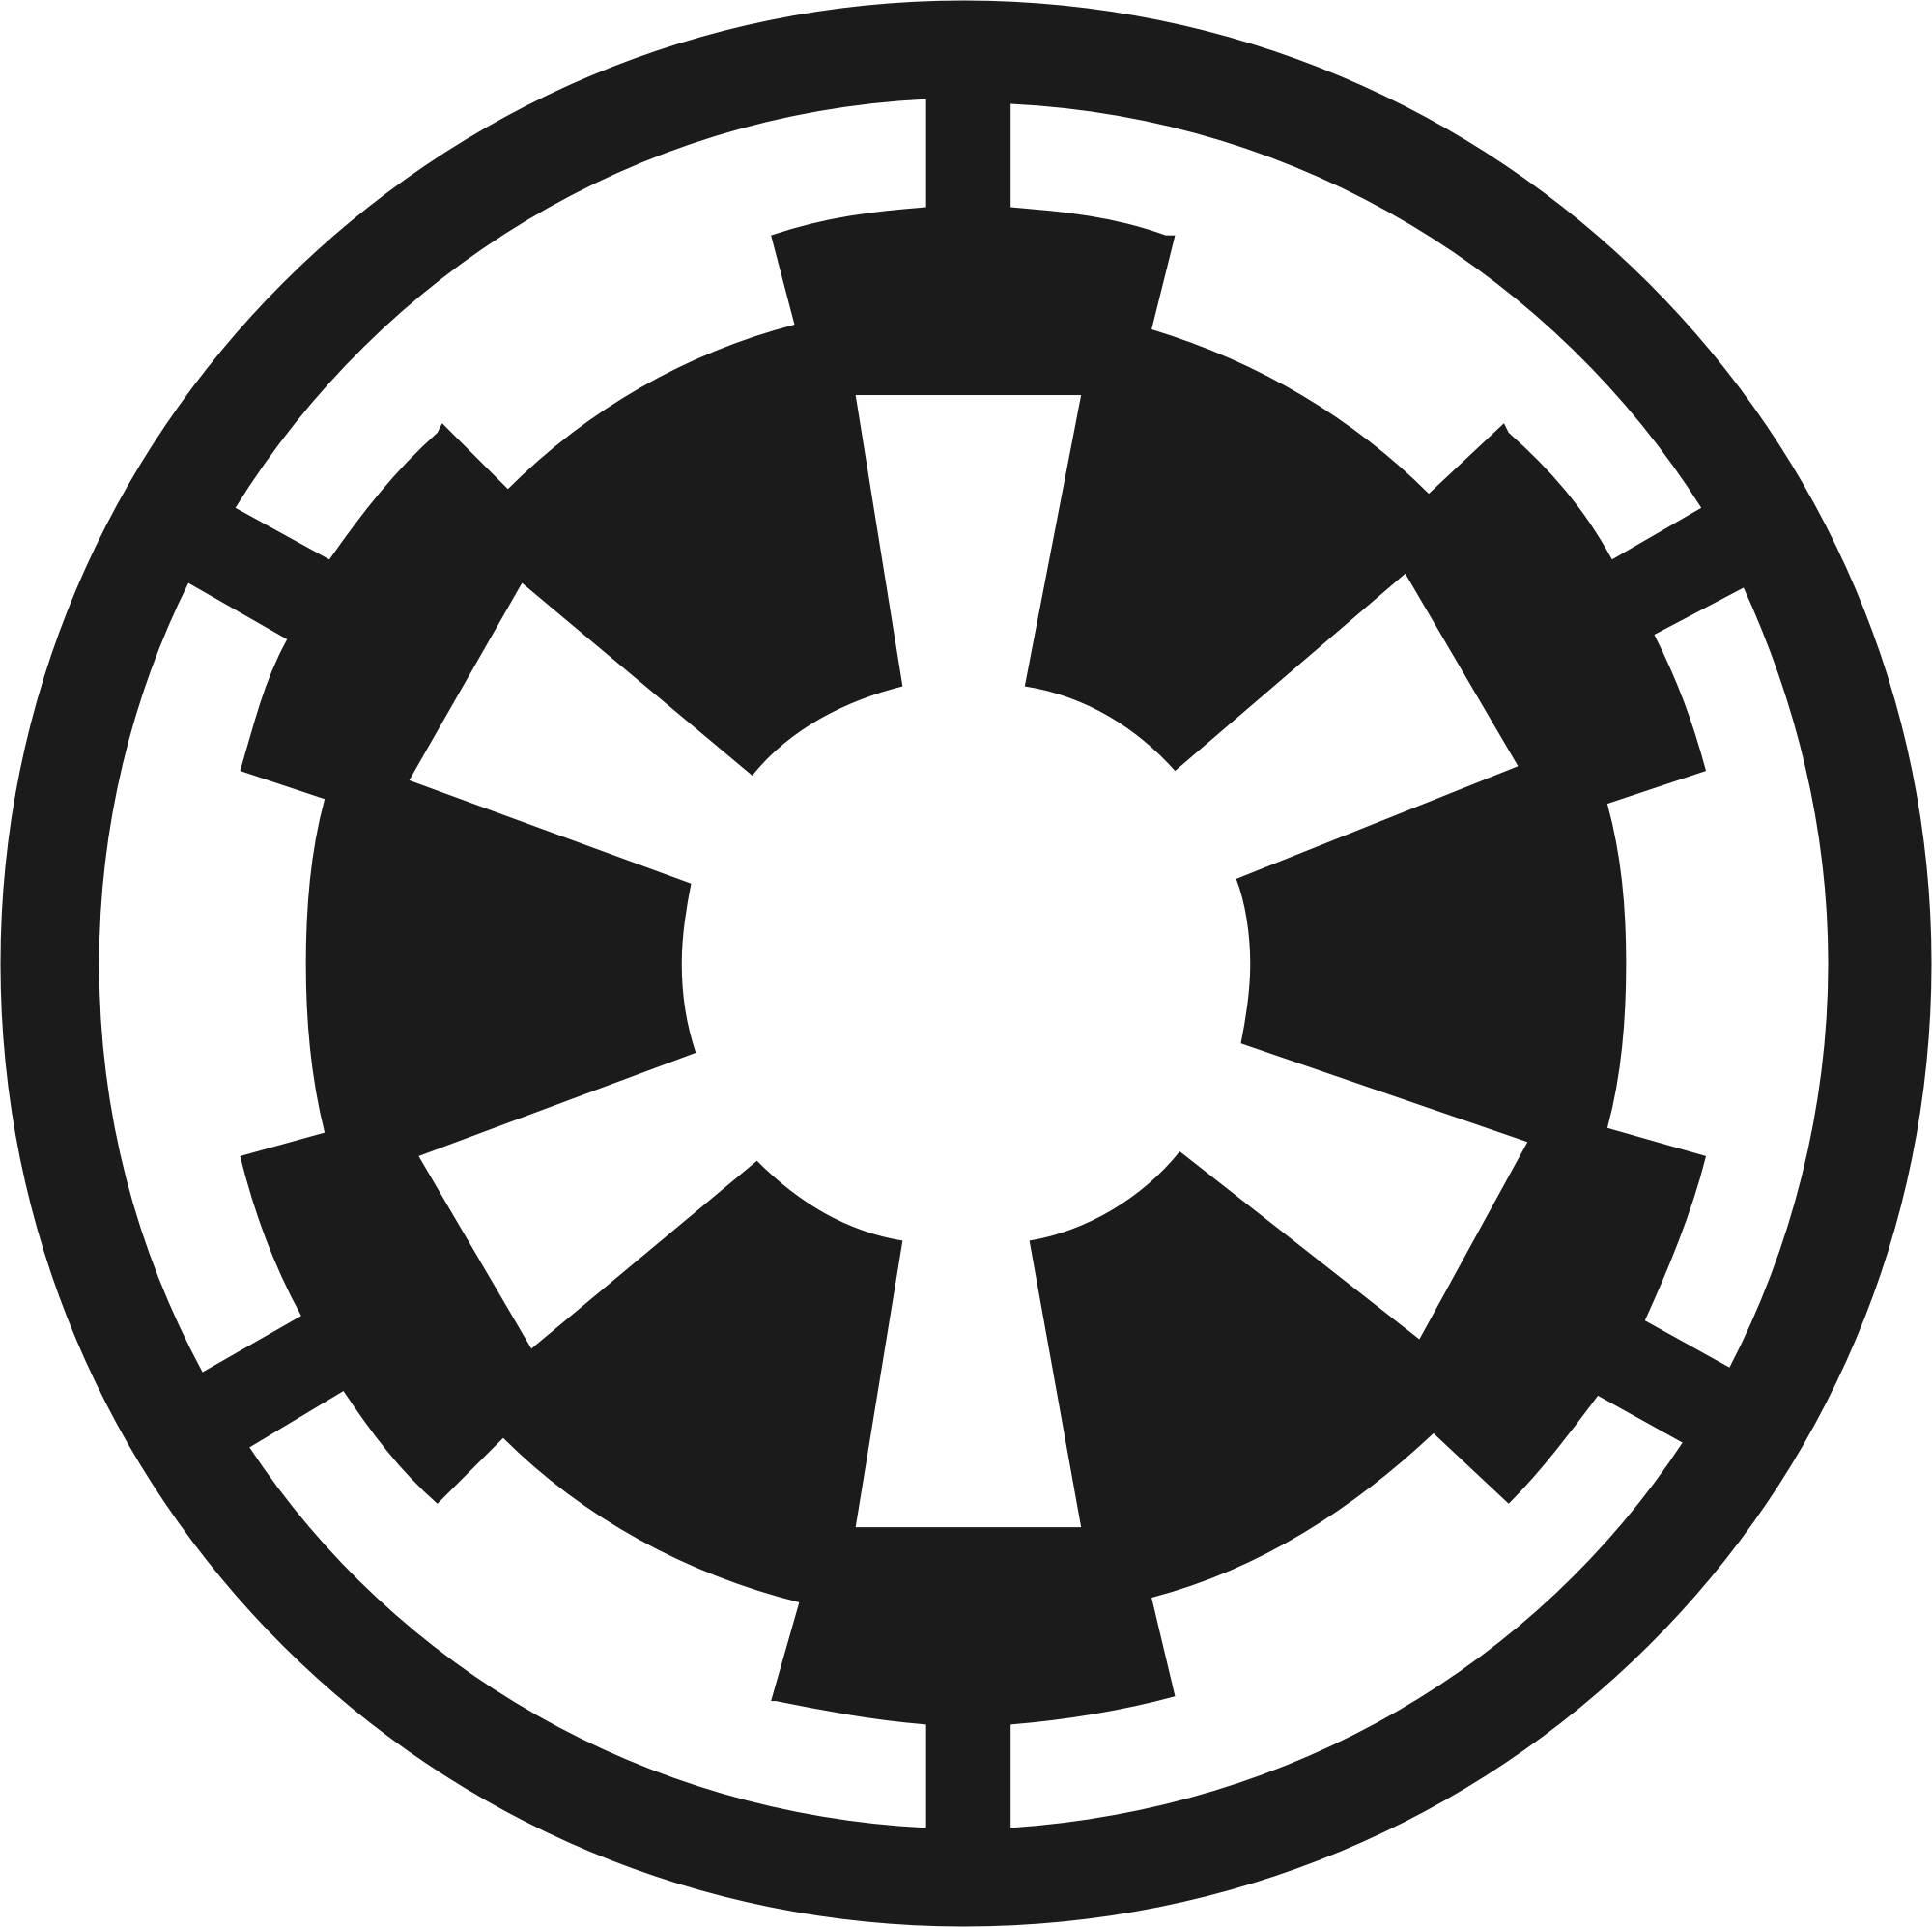 star wars symbole clipart best. Black Bedroom Furniture Sets. Home Design Ideas